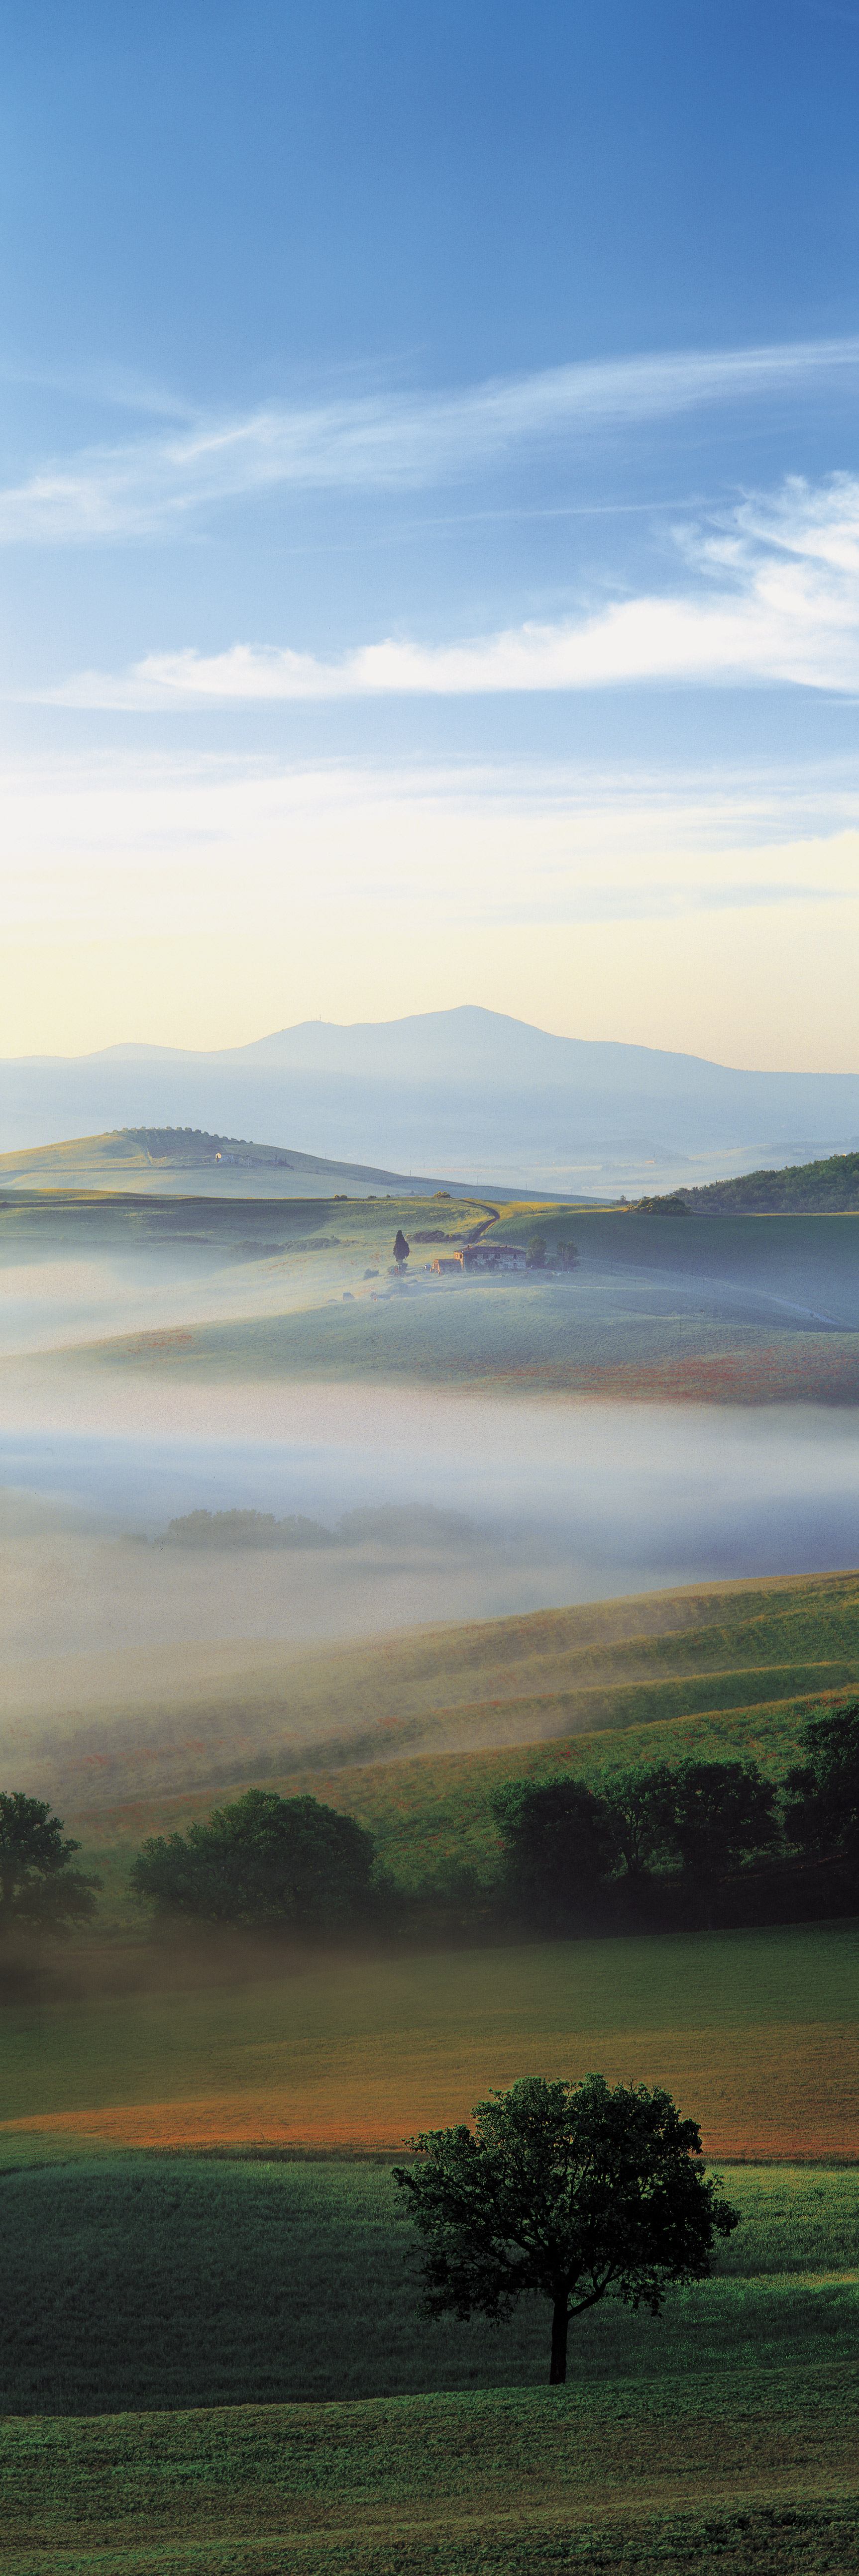 Val d'Orcia IV, Tuscany, Italy (030265)